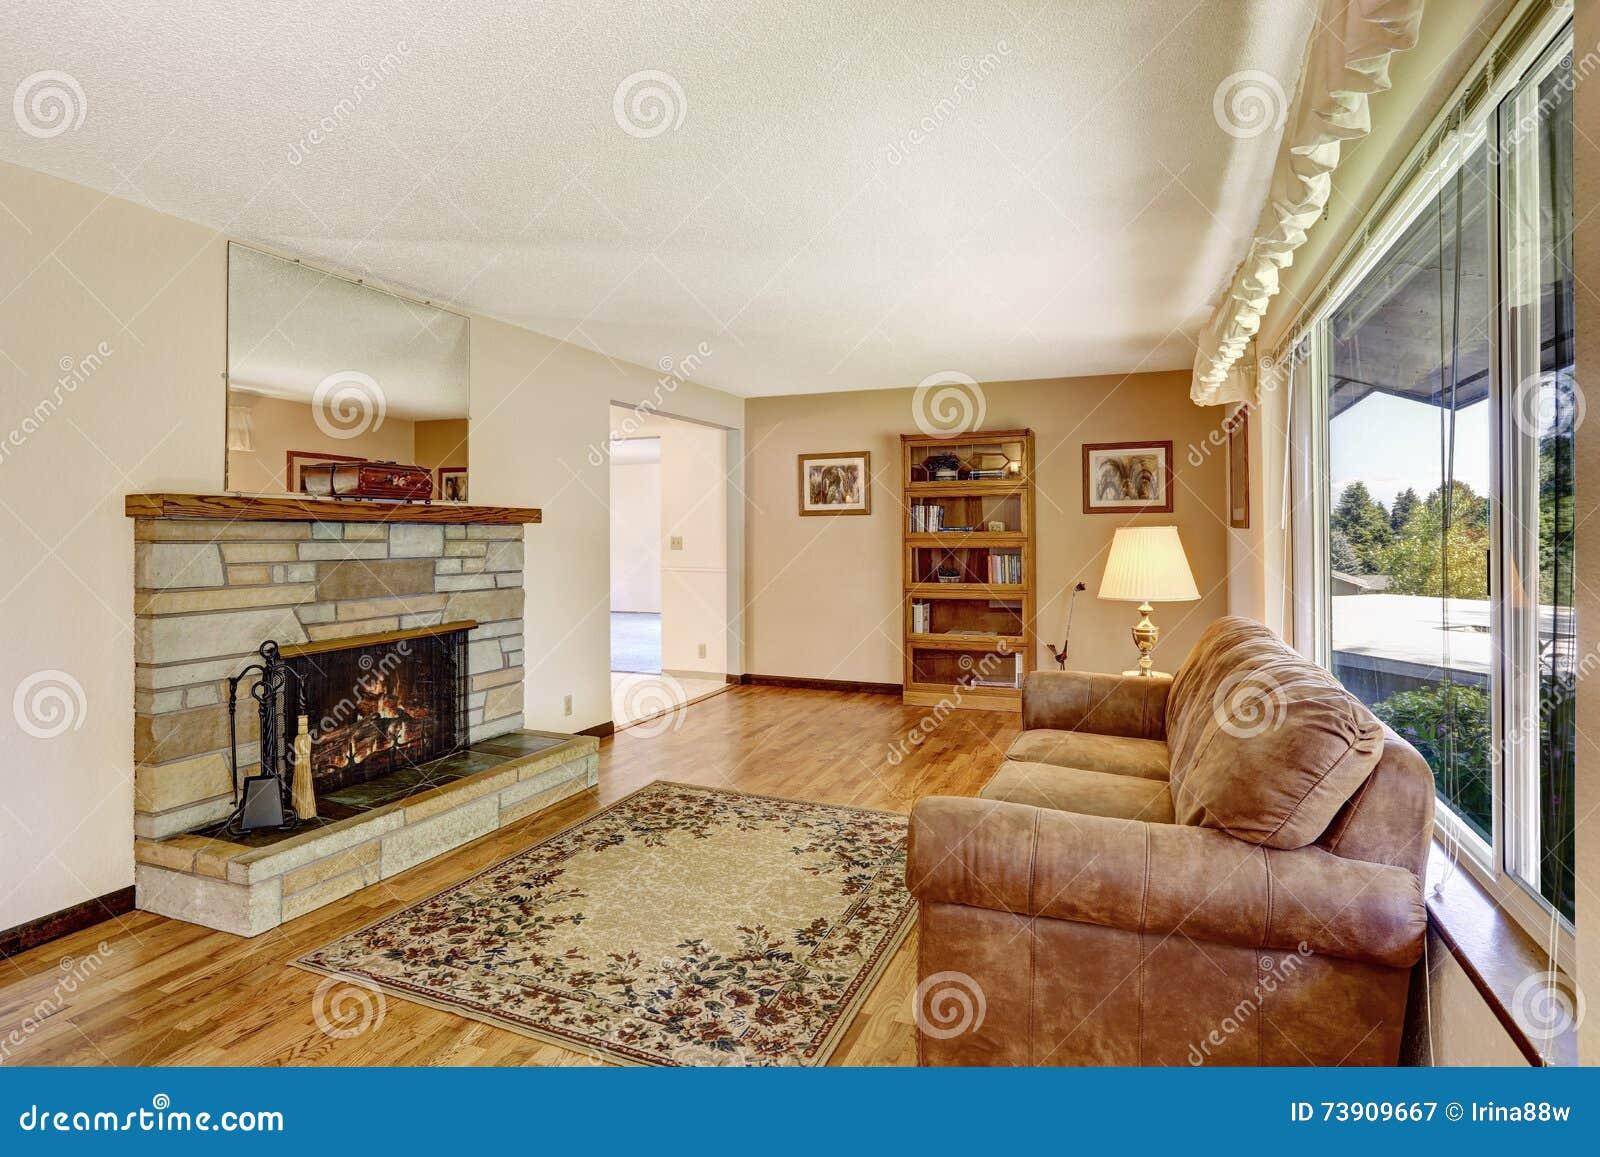 grand int rieur de salon de vieille maison am ricaine avec. Black Bedroom Furniture Sets. Home Design Ideas